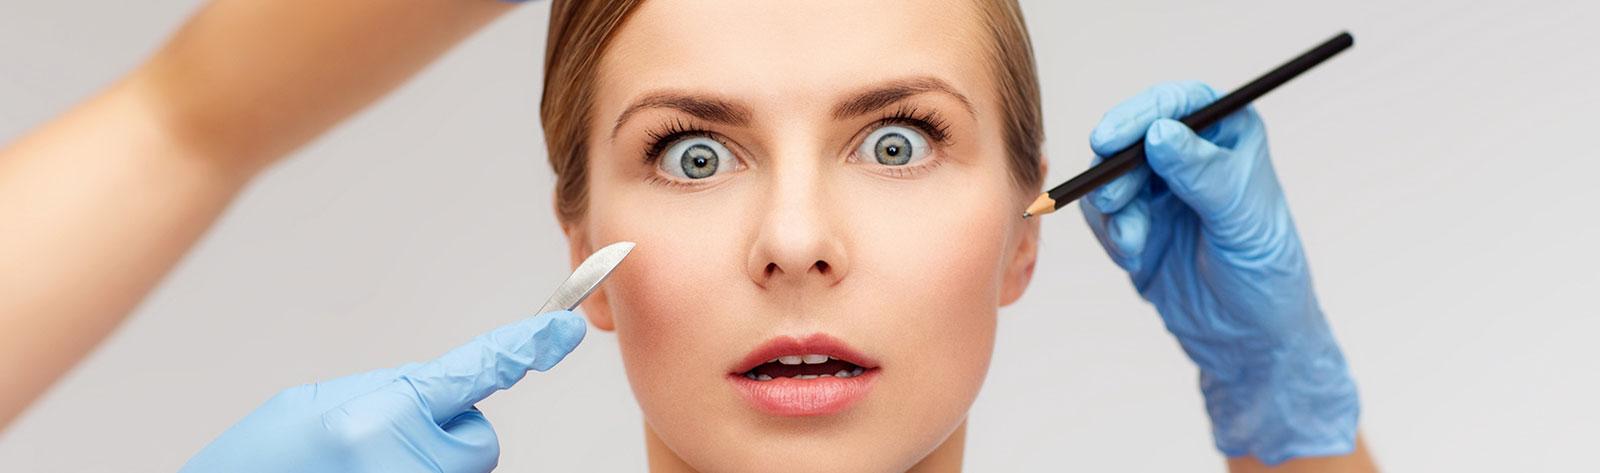 10 rzeczy na które należy zwrócić uwagę przed operacją plastyczną